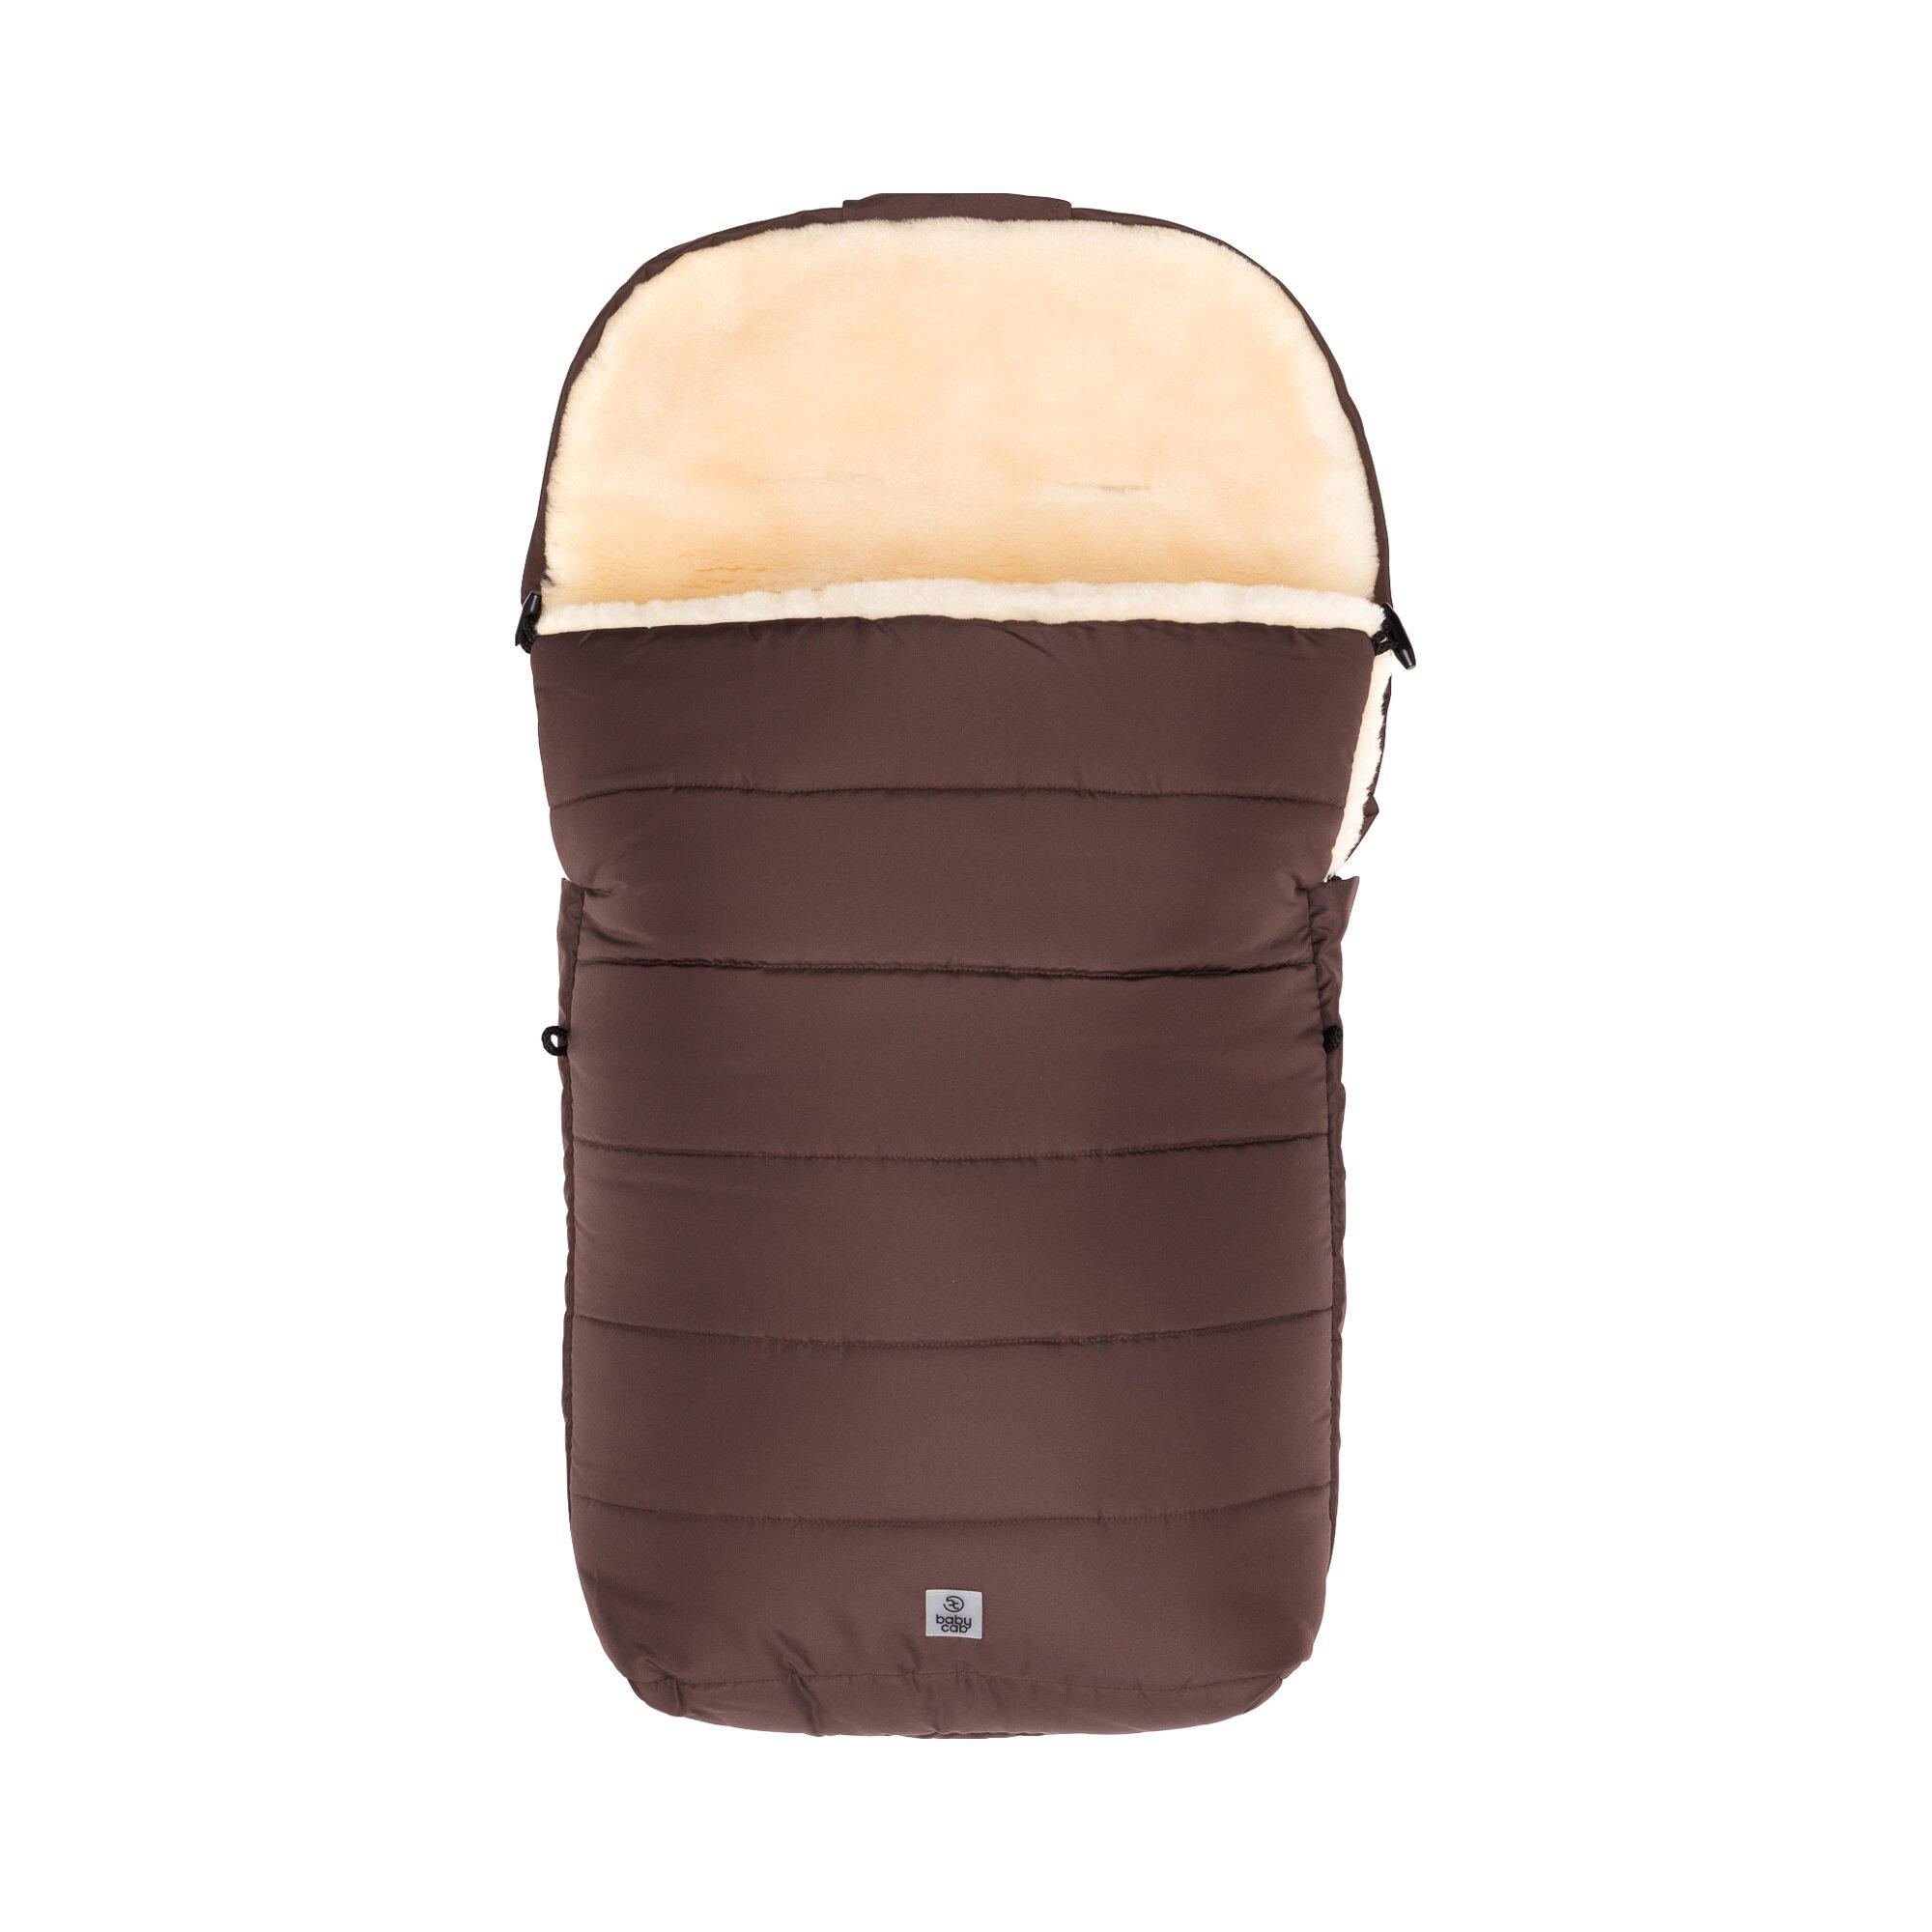 babycab-universal-lammwoll-fu-sack-sonnblick-fur-kinderwagen-braun, 50.69 EUR @ babywalz-de